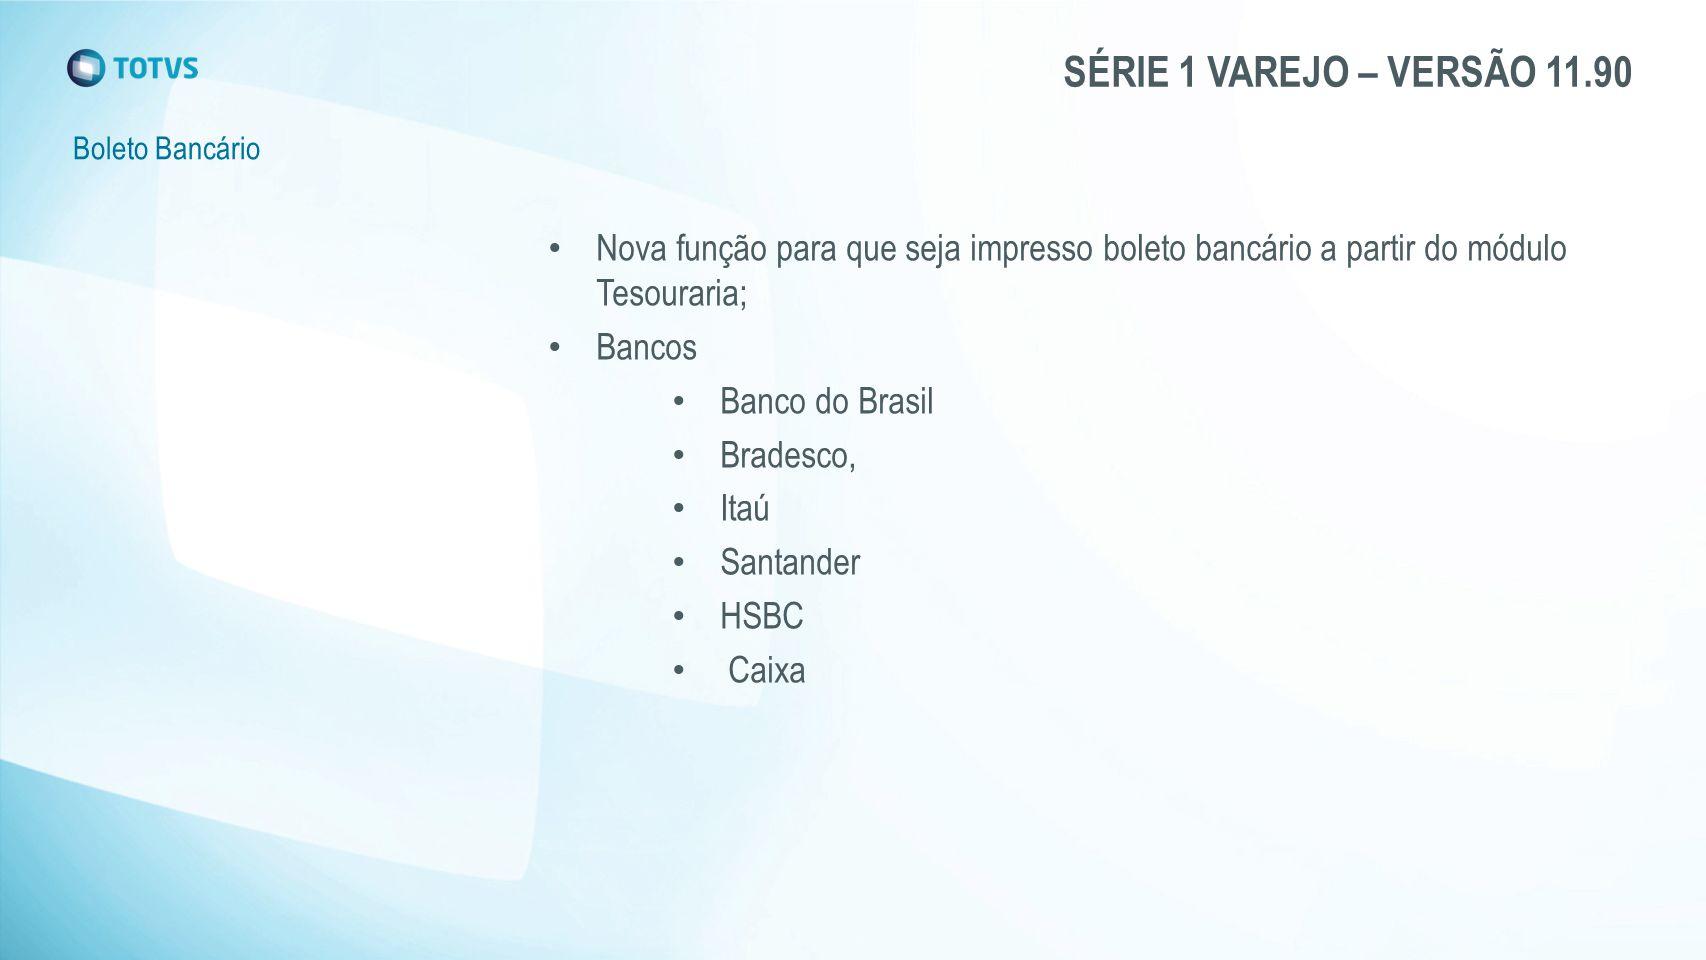 SÉRIE 1 VAREJO – VERSÃO 11.90 Boleto Bancário Nova função para que seja impresso boleto bancário a partir do módulo Tesouraria; Bancos Banco do Brasil